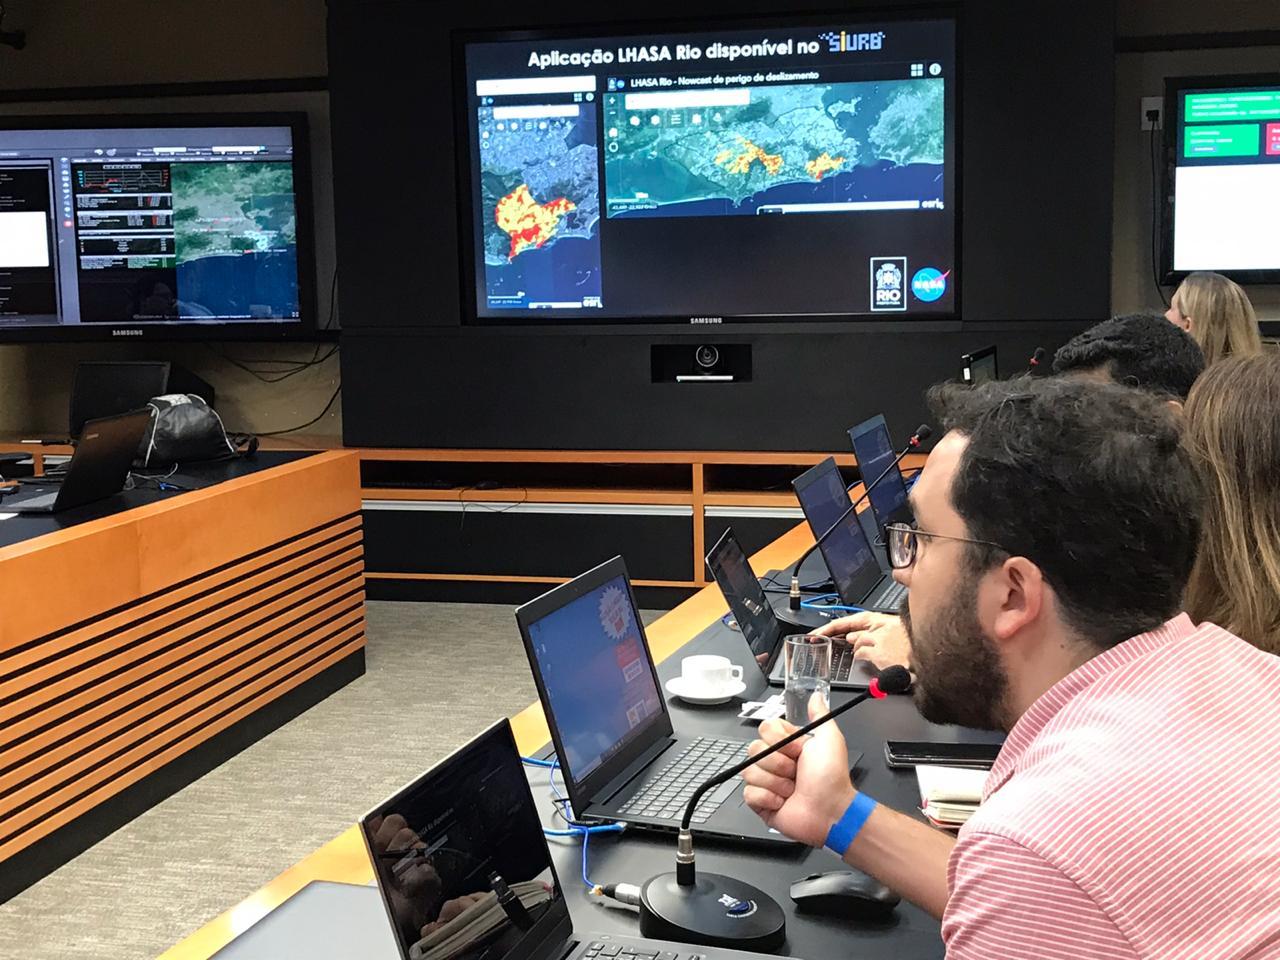 Felipe Mandarino, geógrafo do IPP, apresenta mapa em reunião no COR sobre programa desenvolvido em parceria com a Nasa. Foto: divulgação / COR